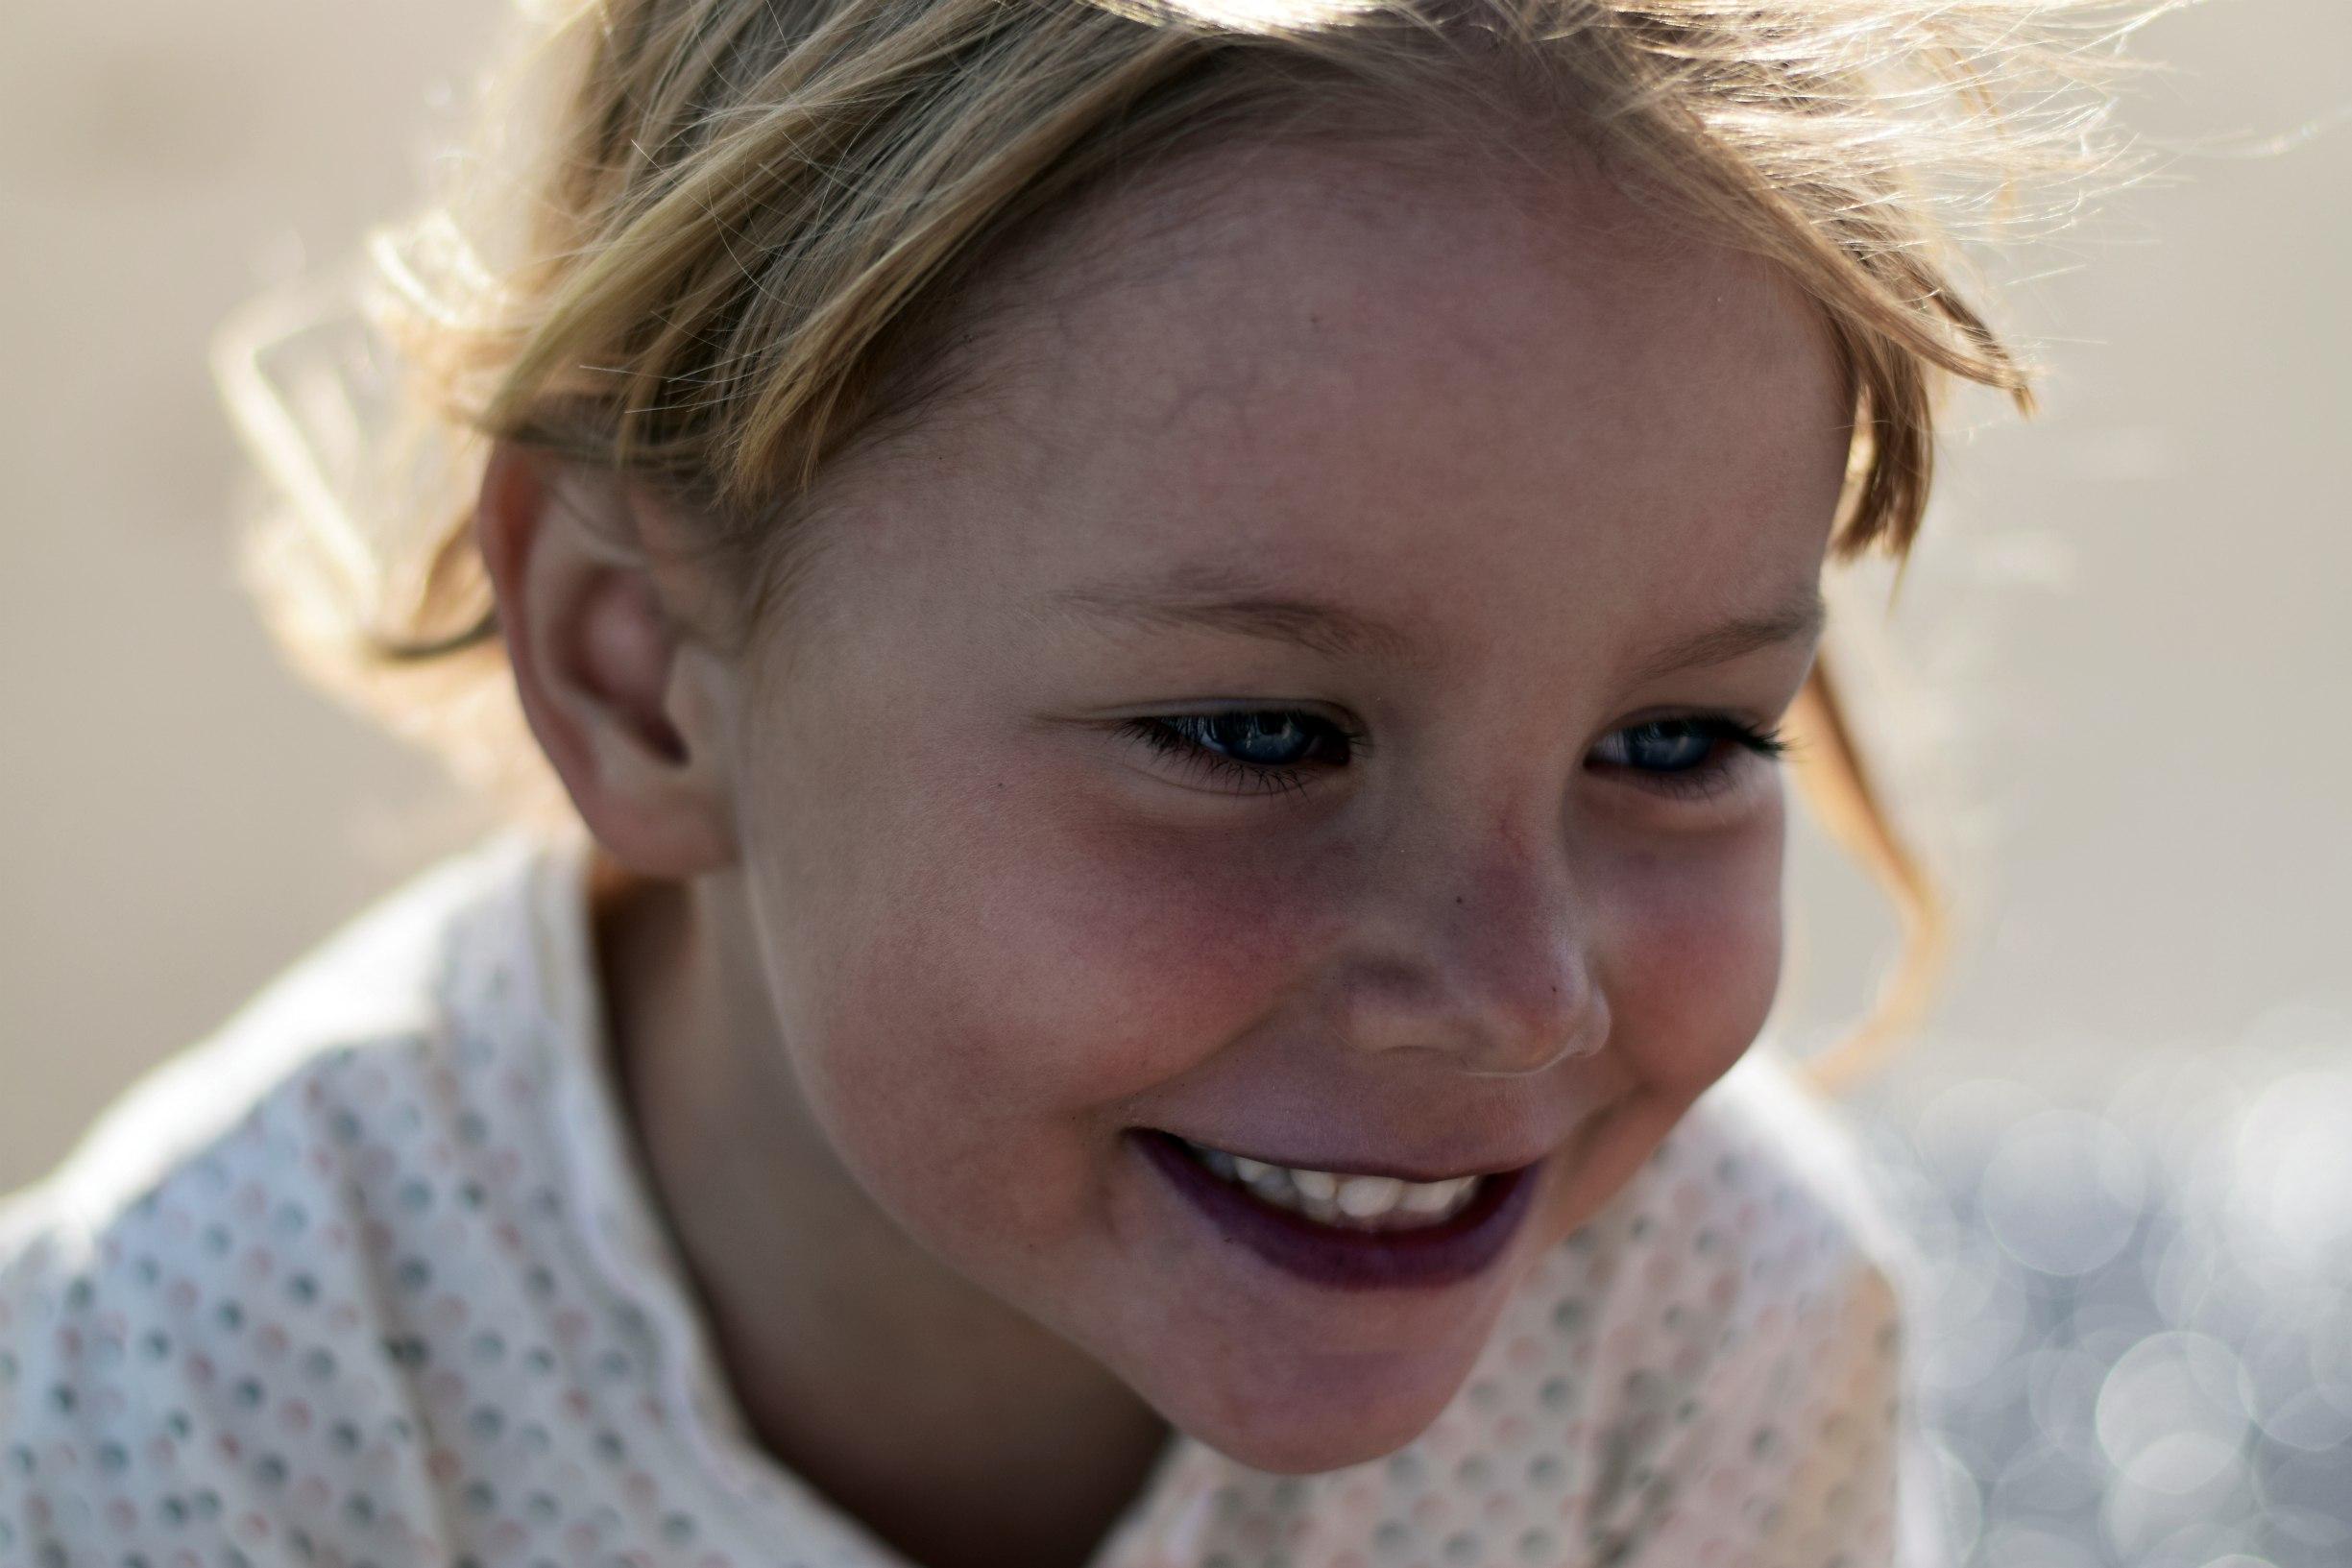 Le migliori creme idratanti per bambini sopra i 3 anni